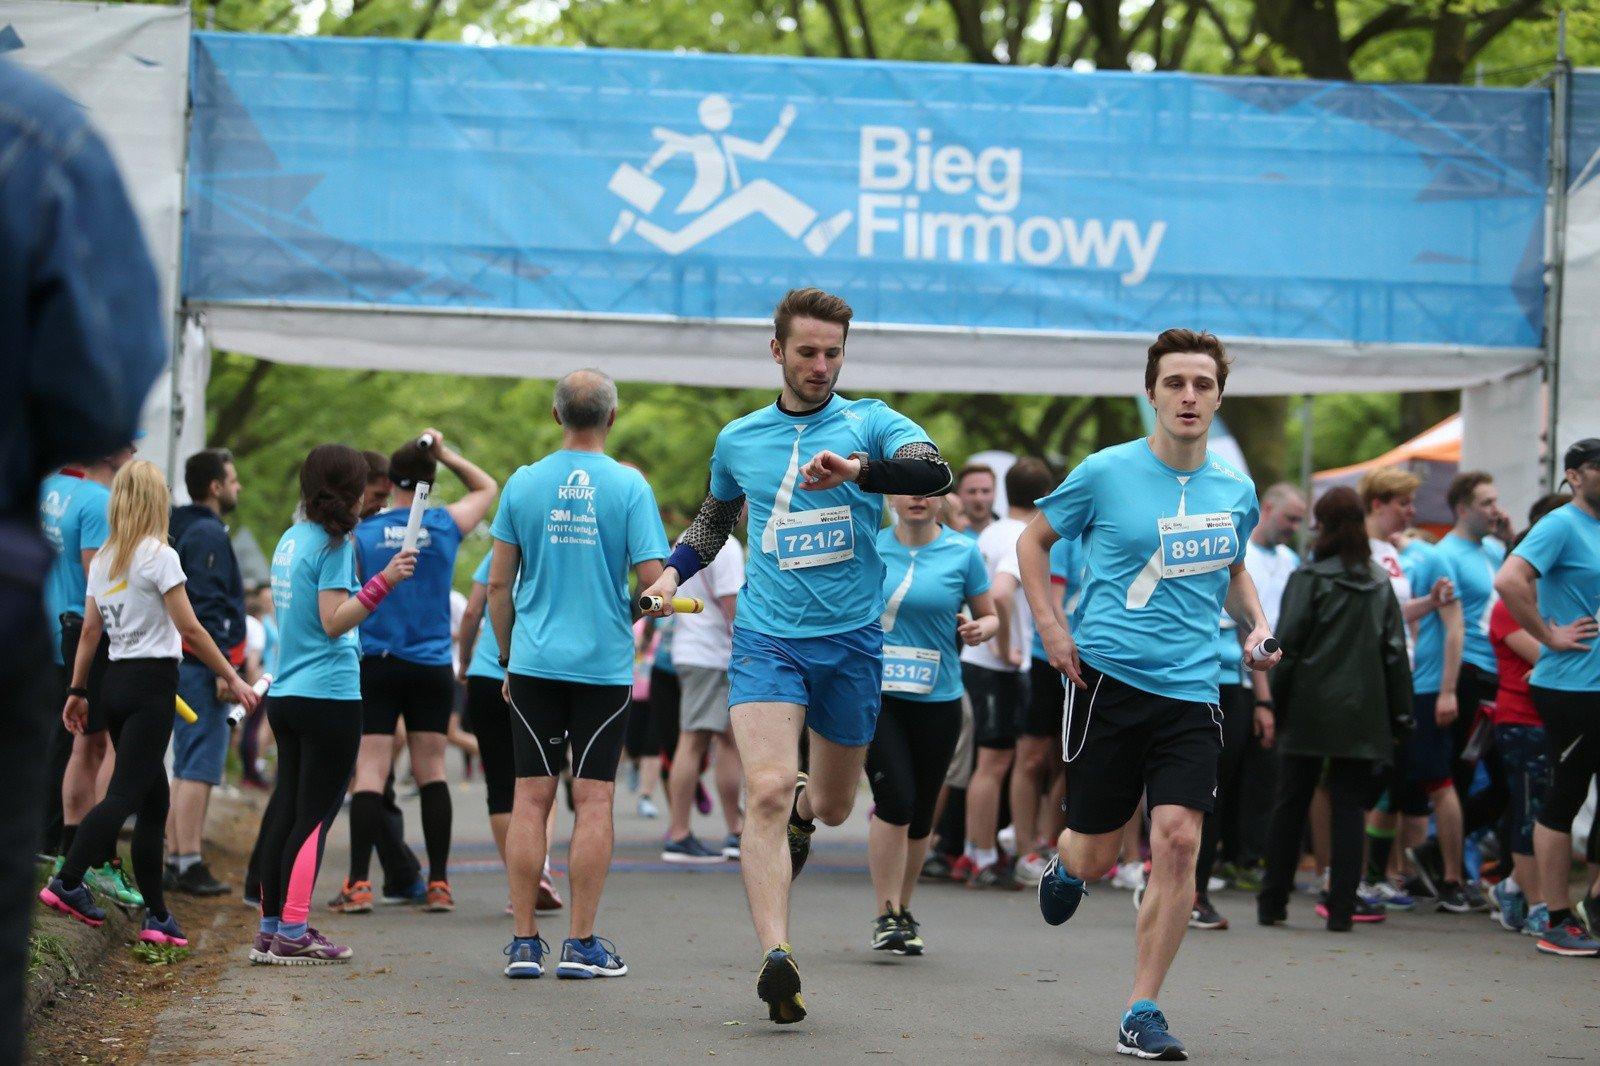 326cfc76 W sobotę Bieg Firmowy 2018 we Wrocławiu. Jak bieganie wpływa na zdrowie?